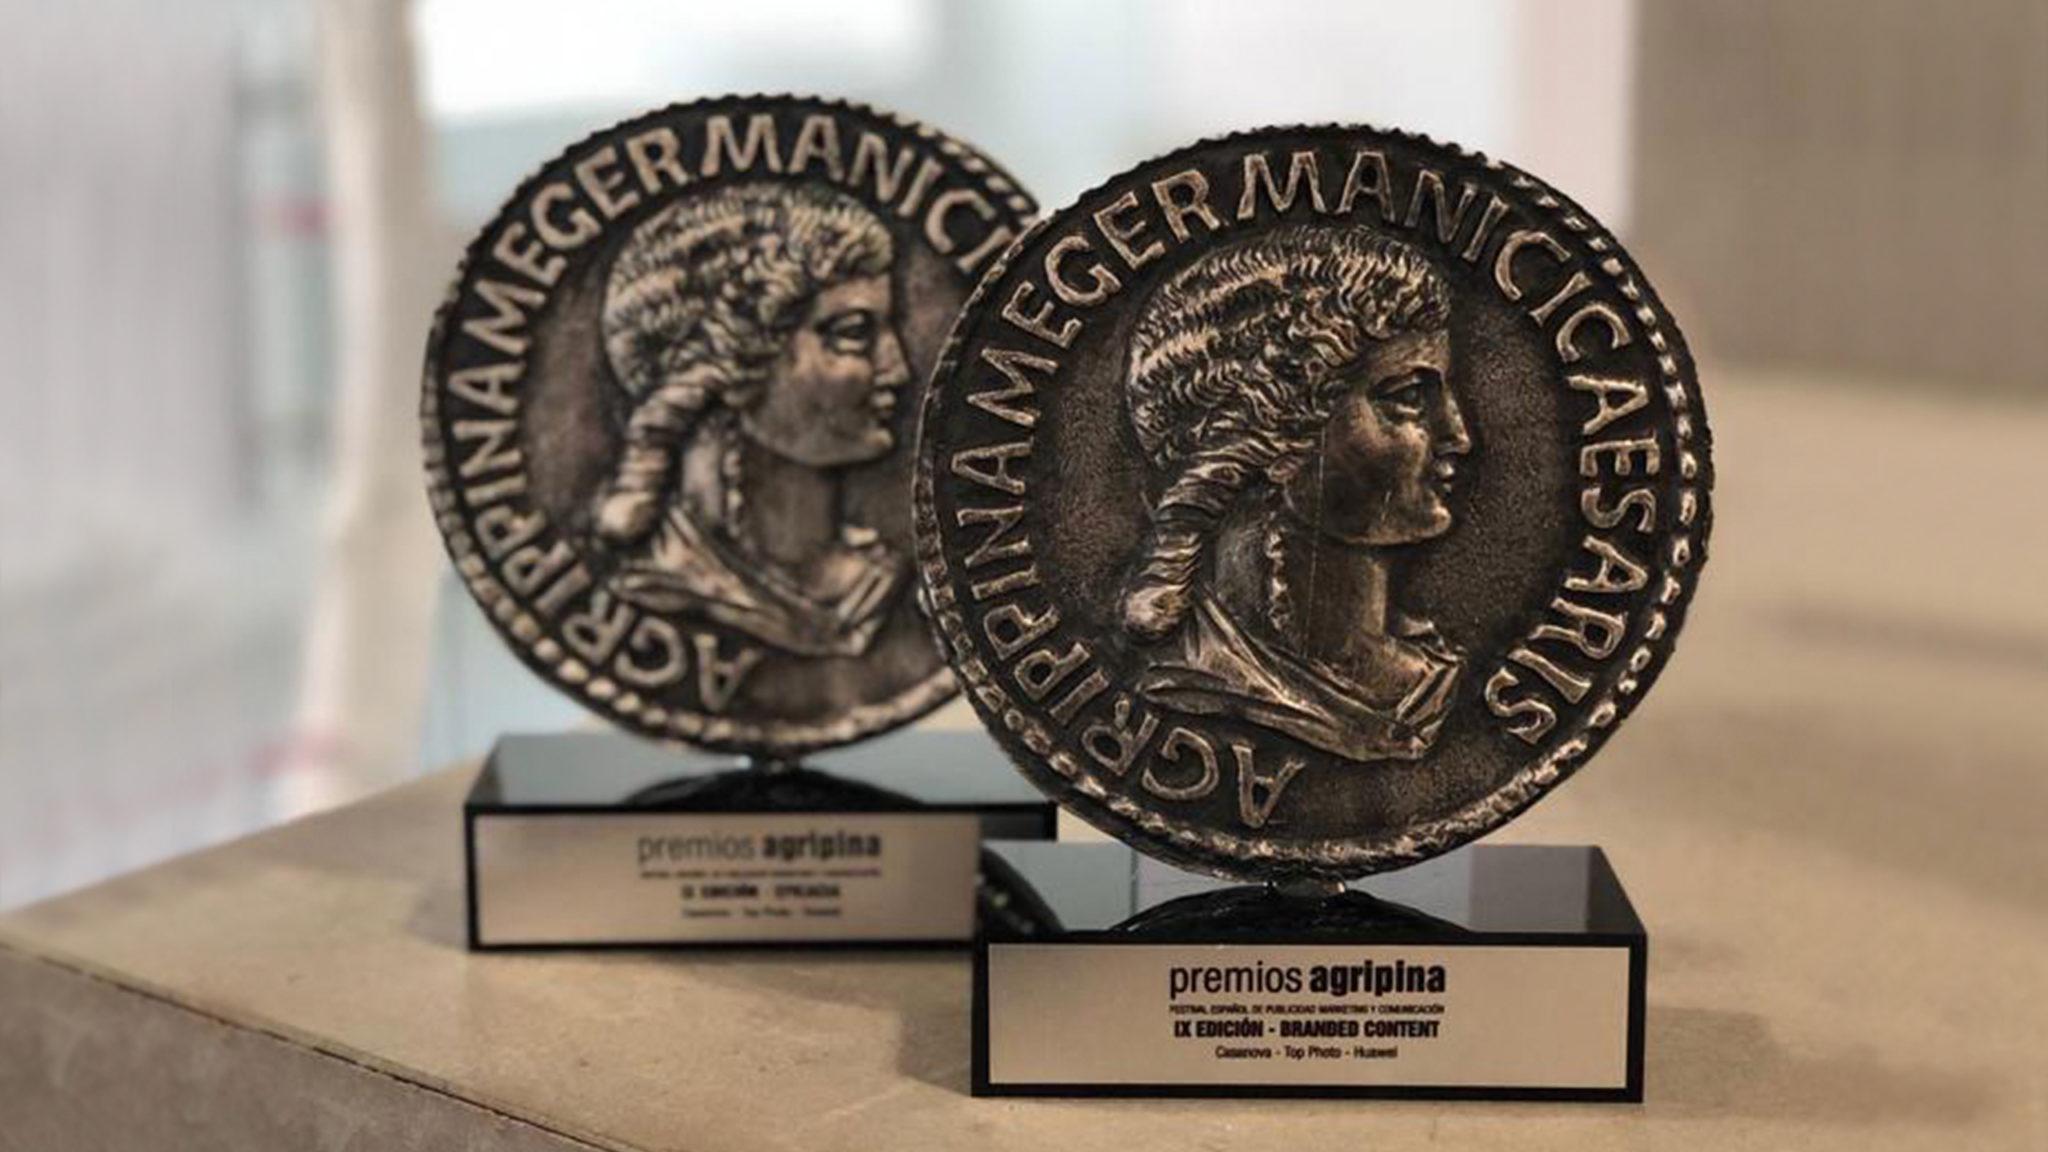 Volvemos de Sevilla con dos Premios Agripina para Top Photo